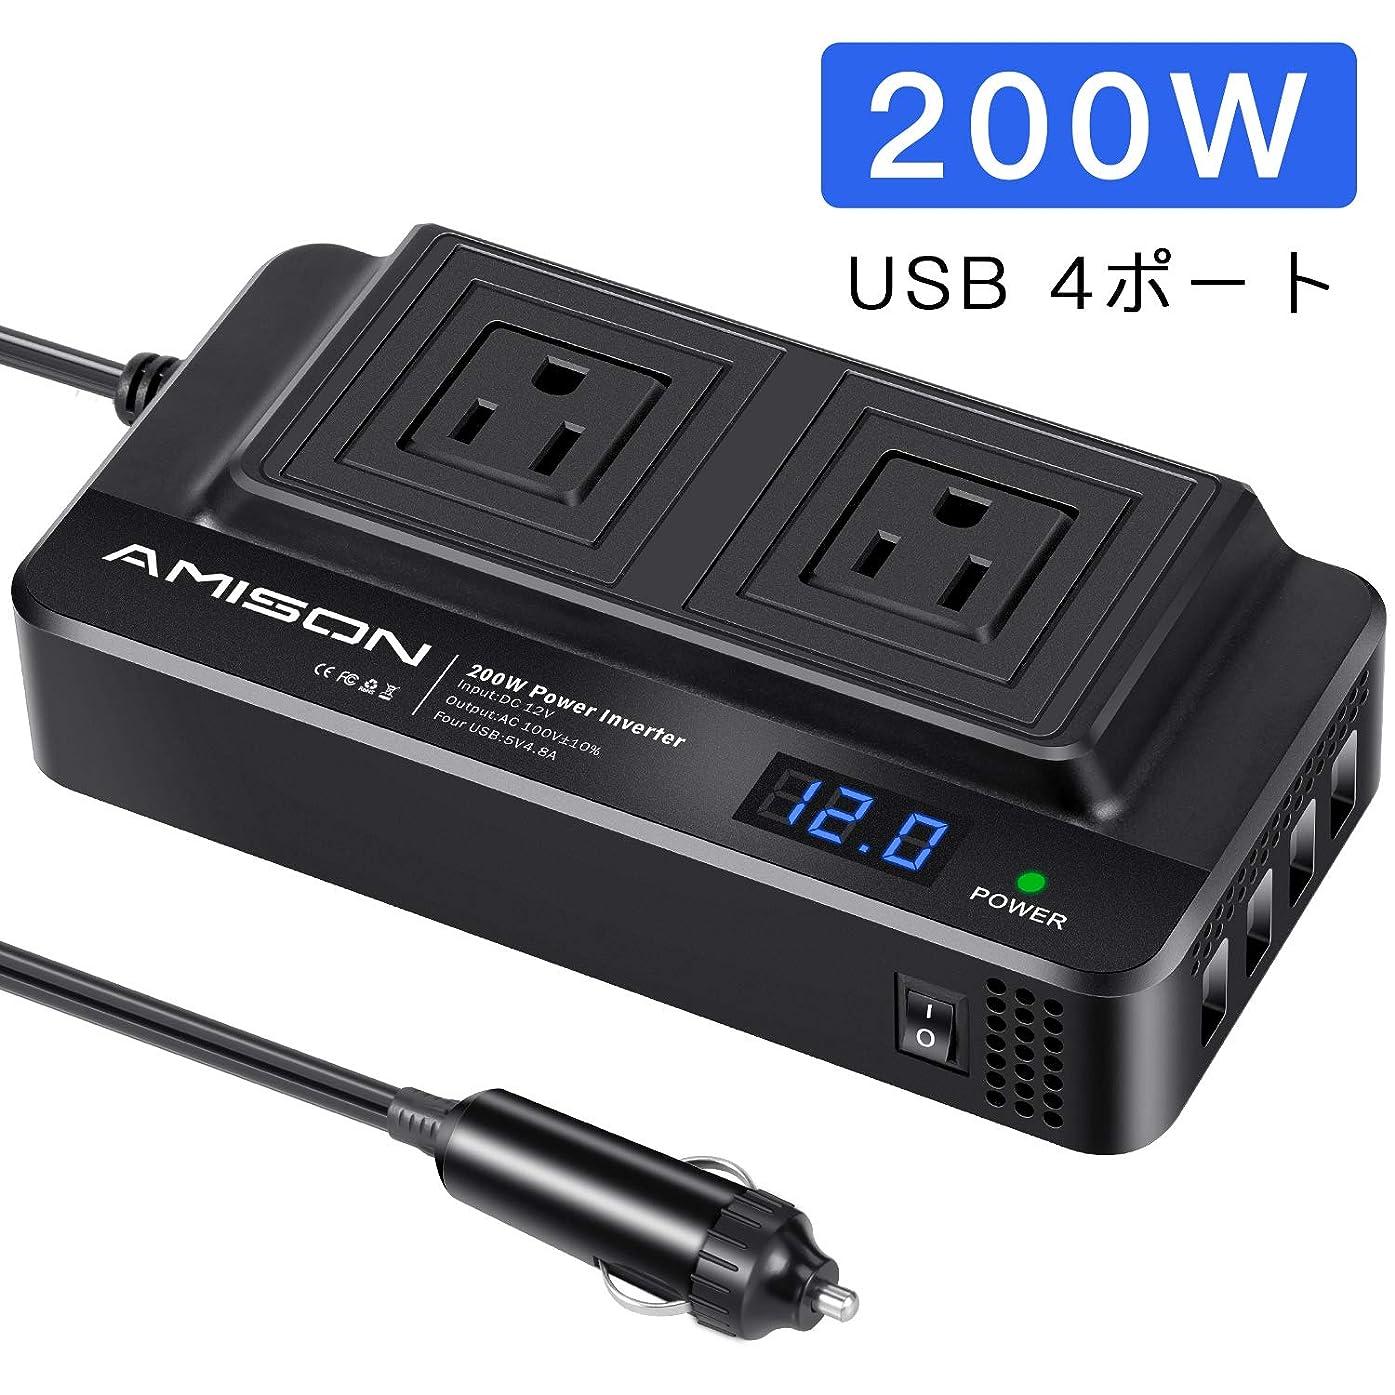 訪問カール体細胞Amison インバーター 200w シガーソケットコンセント カーコンバーター DC12V /AC 100Vに変換 車載充電器 ACコンセント2口 USB 4ポート